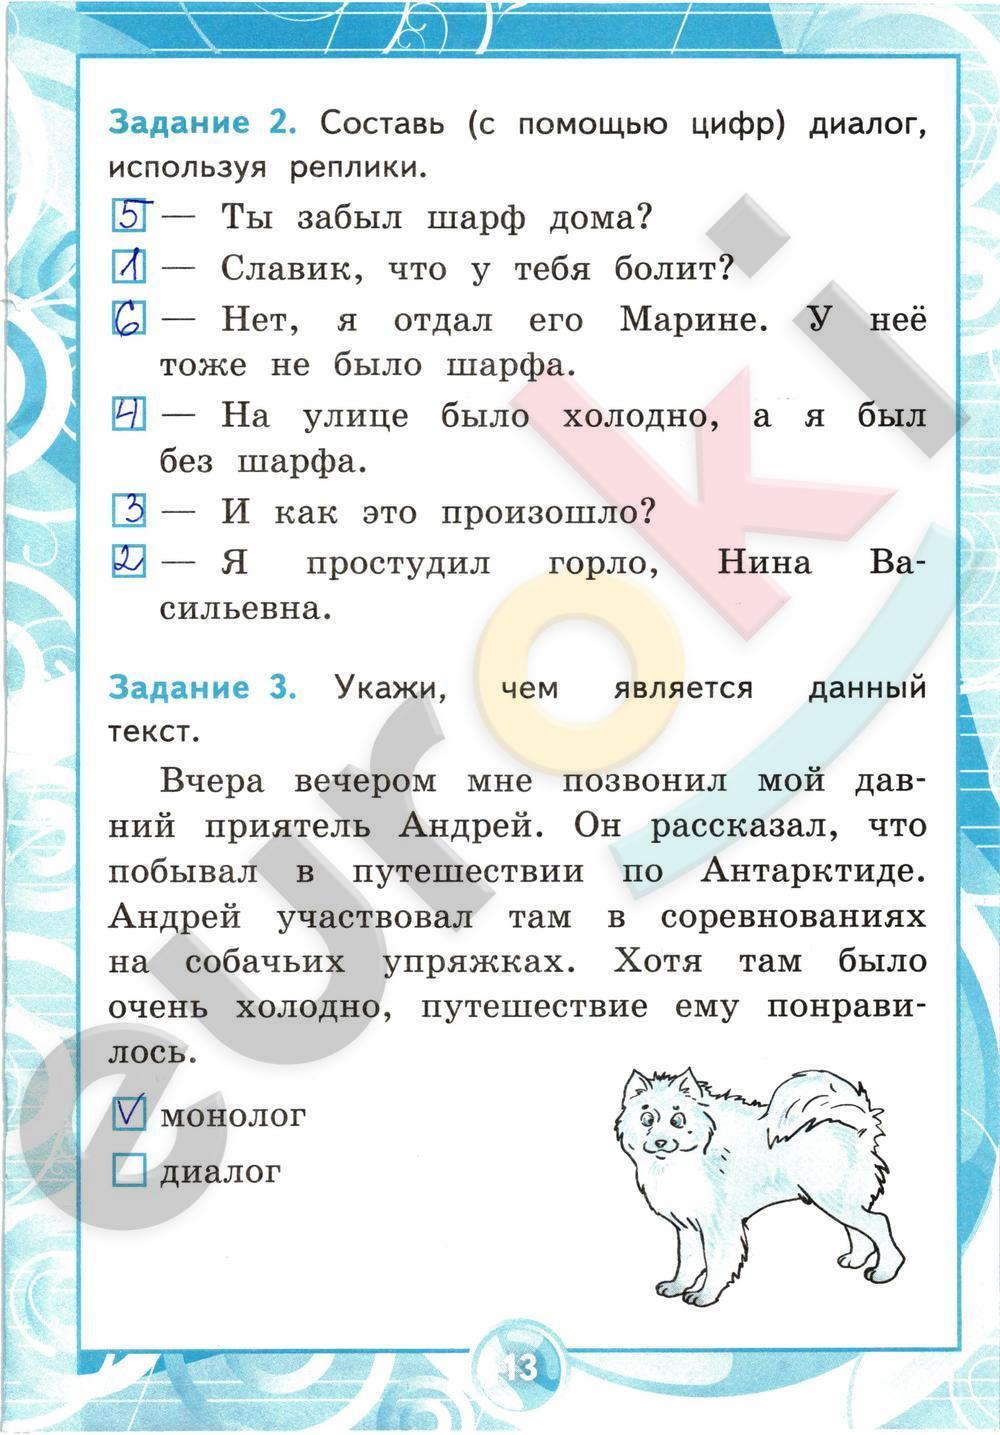 ГДЗ по русскому языку 2 класс контрольные работы Крылова Часть 1, 2. Задание: стр. 13